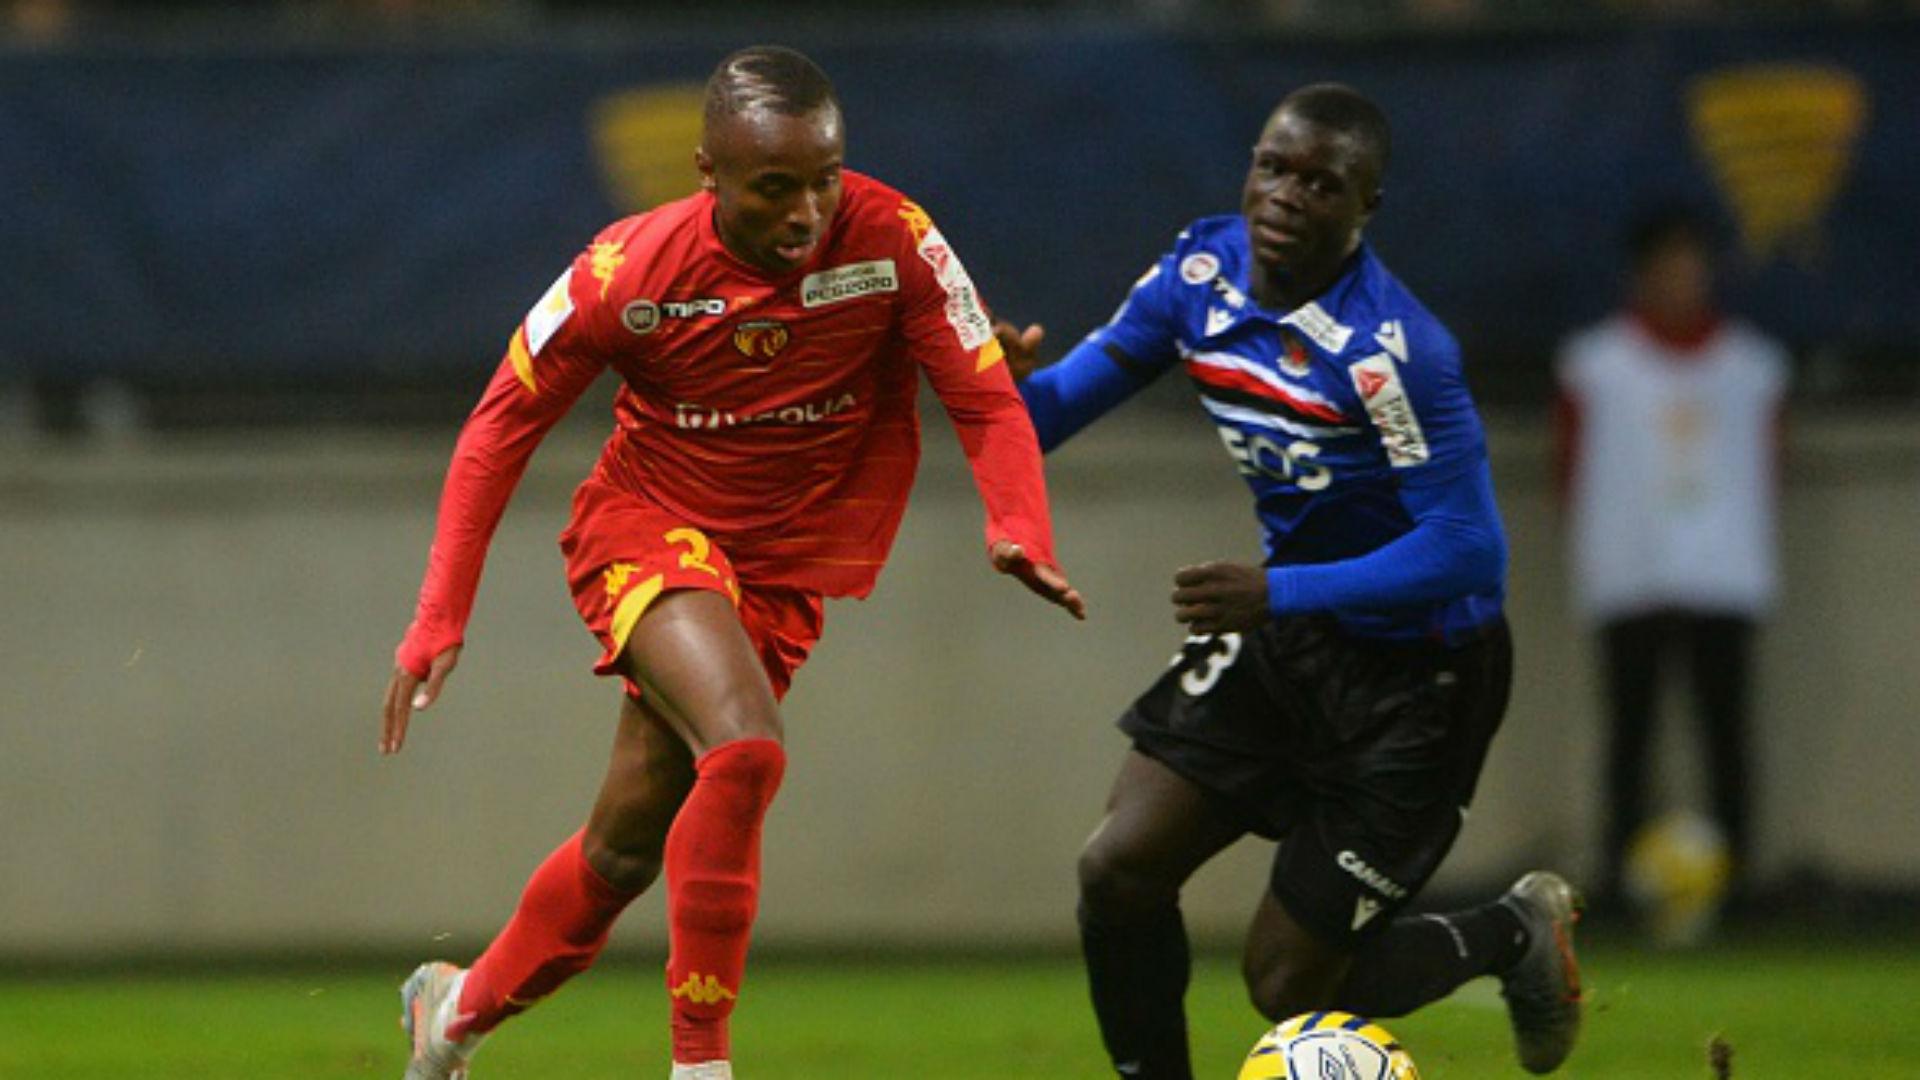 Mercato - Contrat de 5 ans pour Stéphane Diarra à Lorient